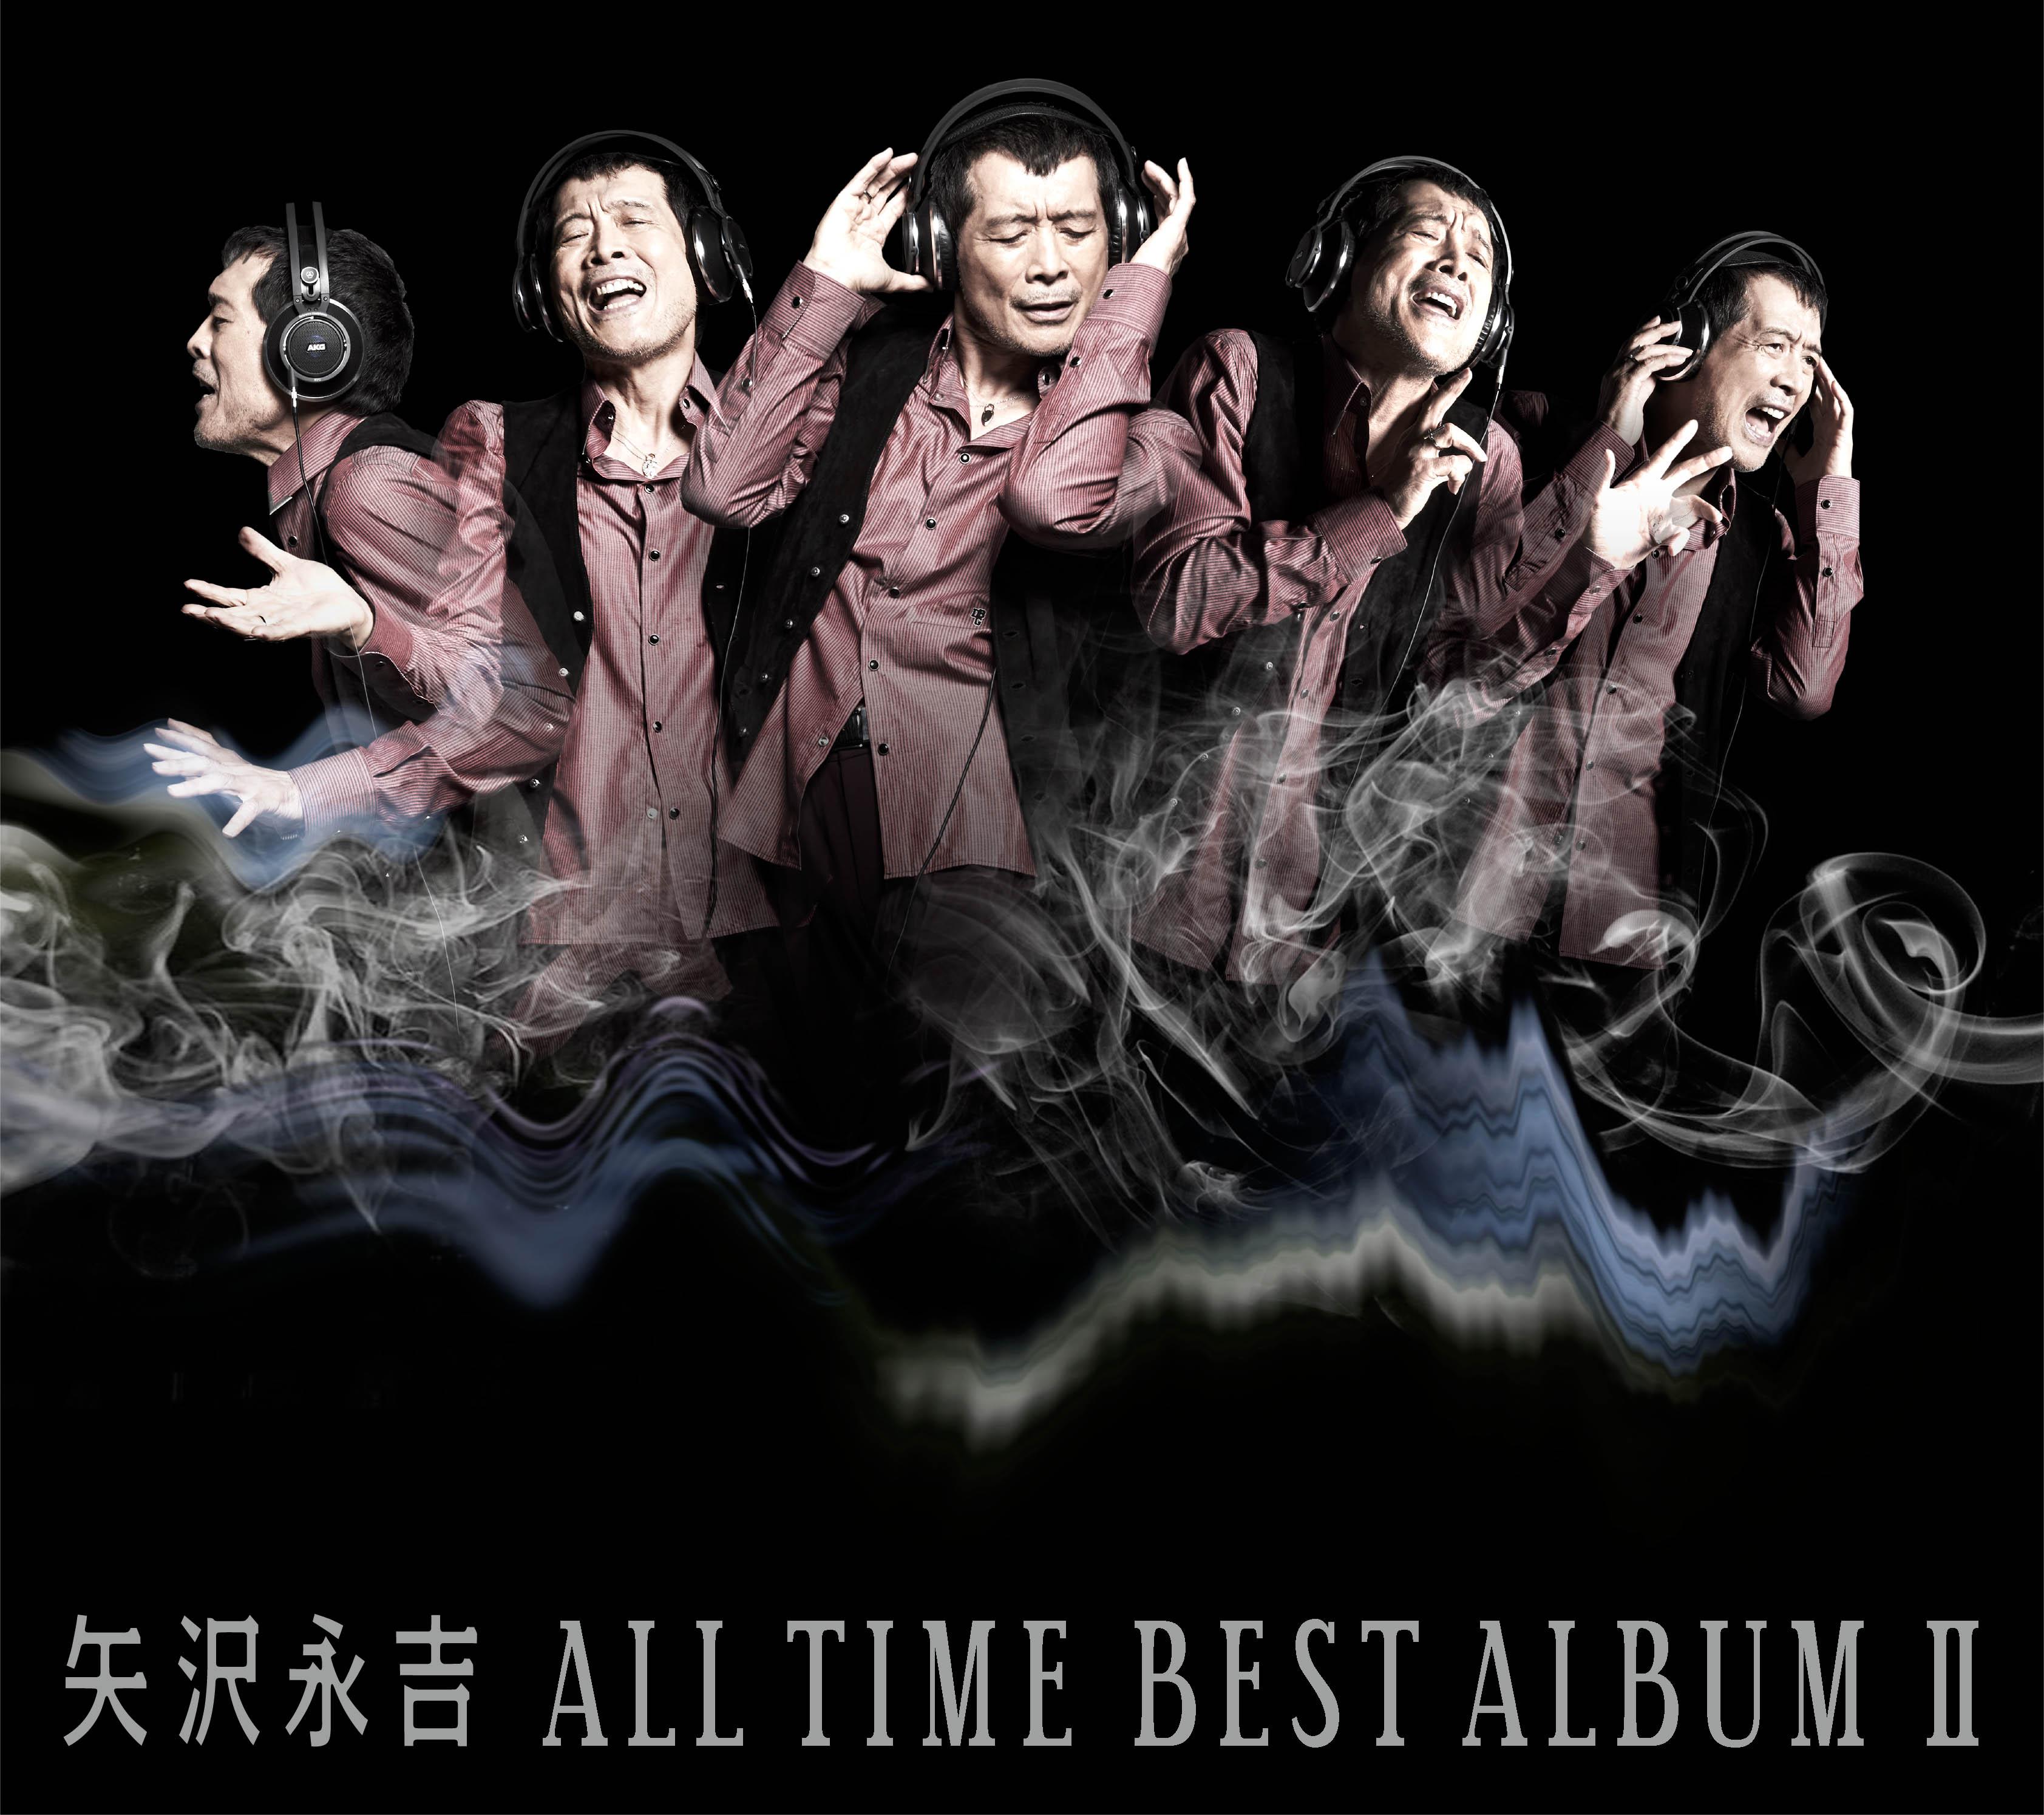 アルバム『ALL TIME BEST ALBUM II』